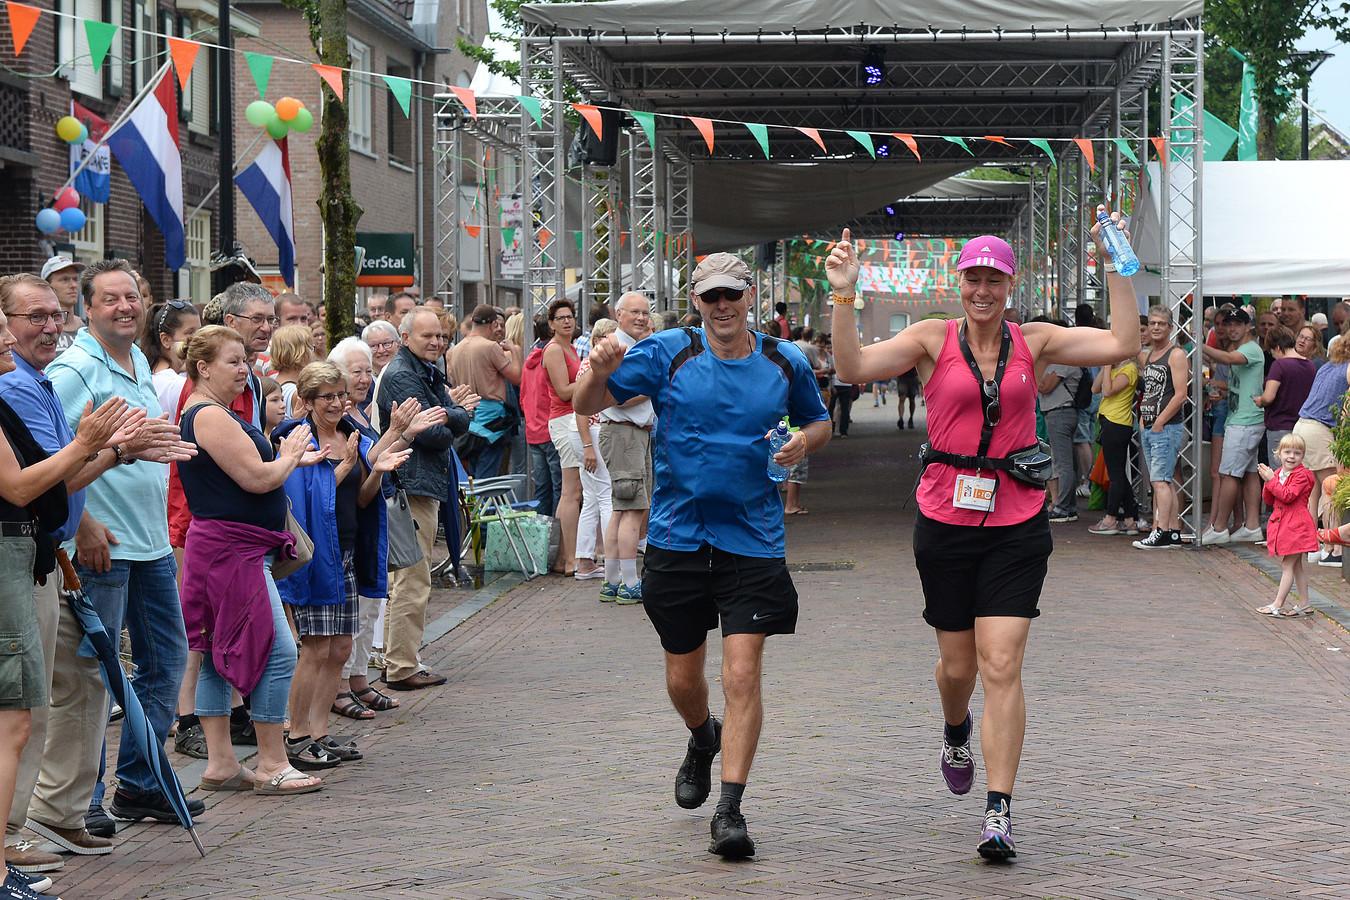 De doorkomst van de Vierdaagse in 2016 in Mill. Stichting Ontdek Mill hoopt dat dit in 2021 wederom gebeurt.